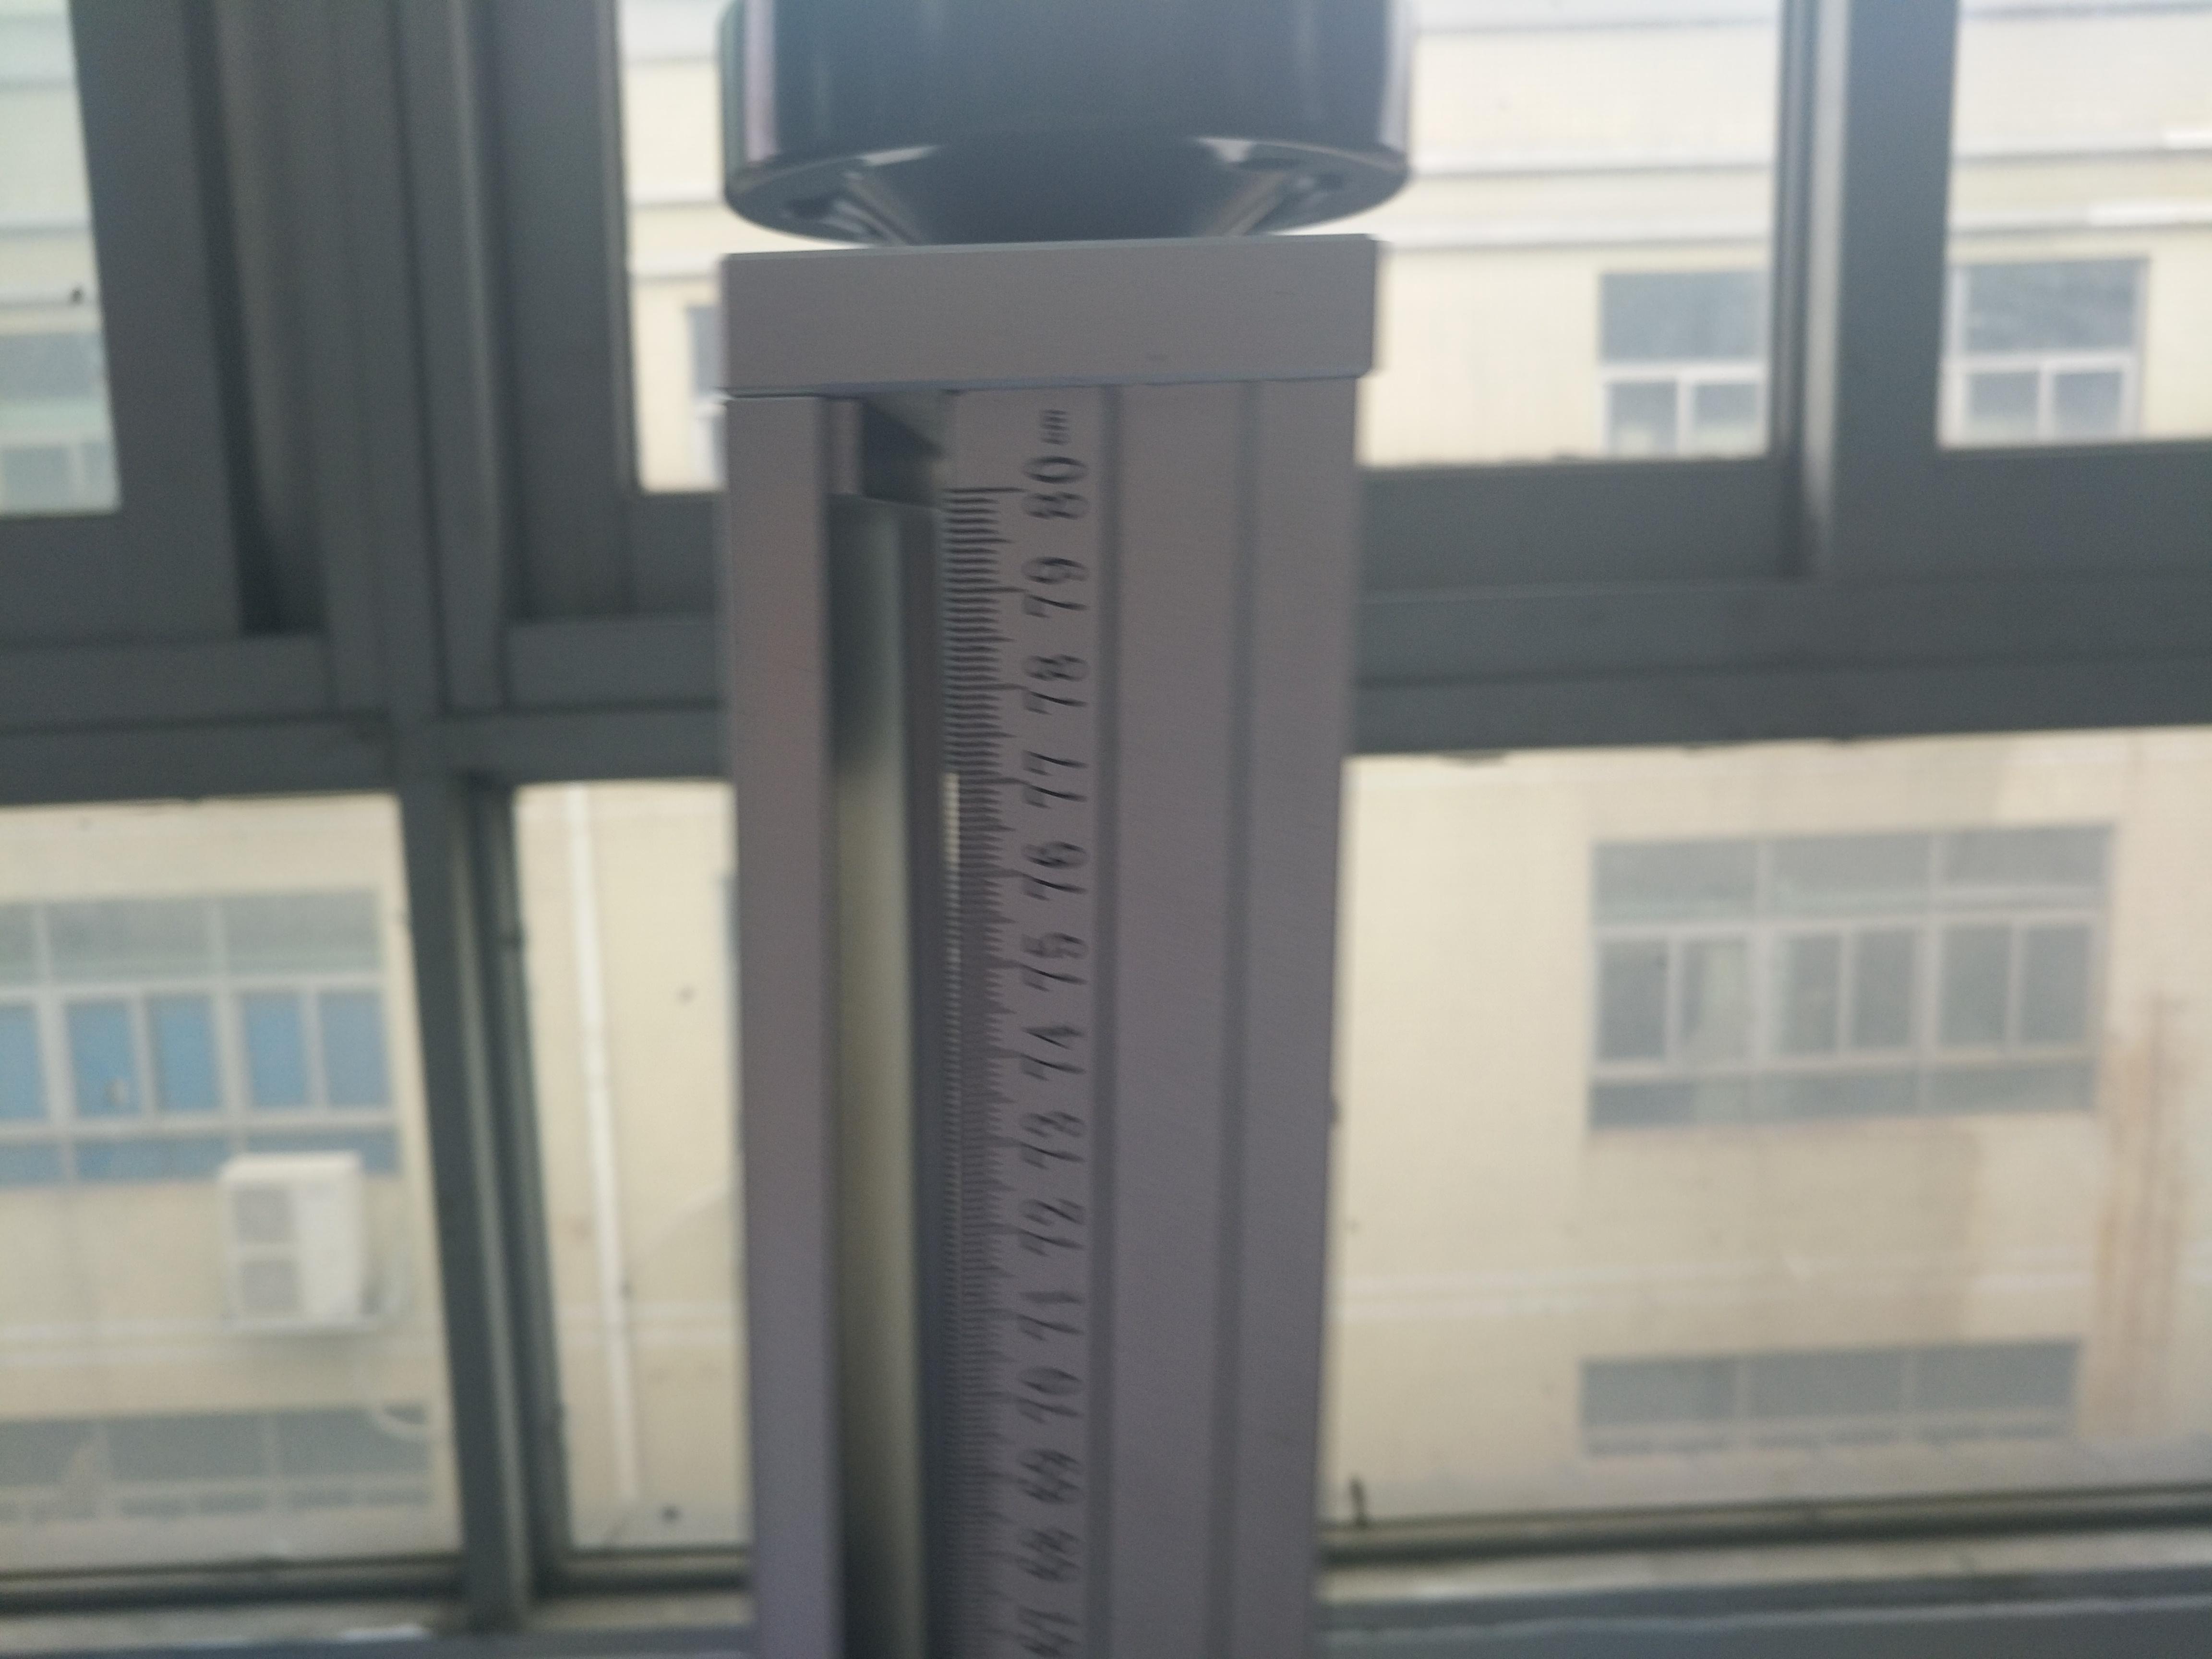 桥头激光打标机五金配件打标机,按键配件打标机